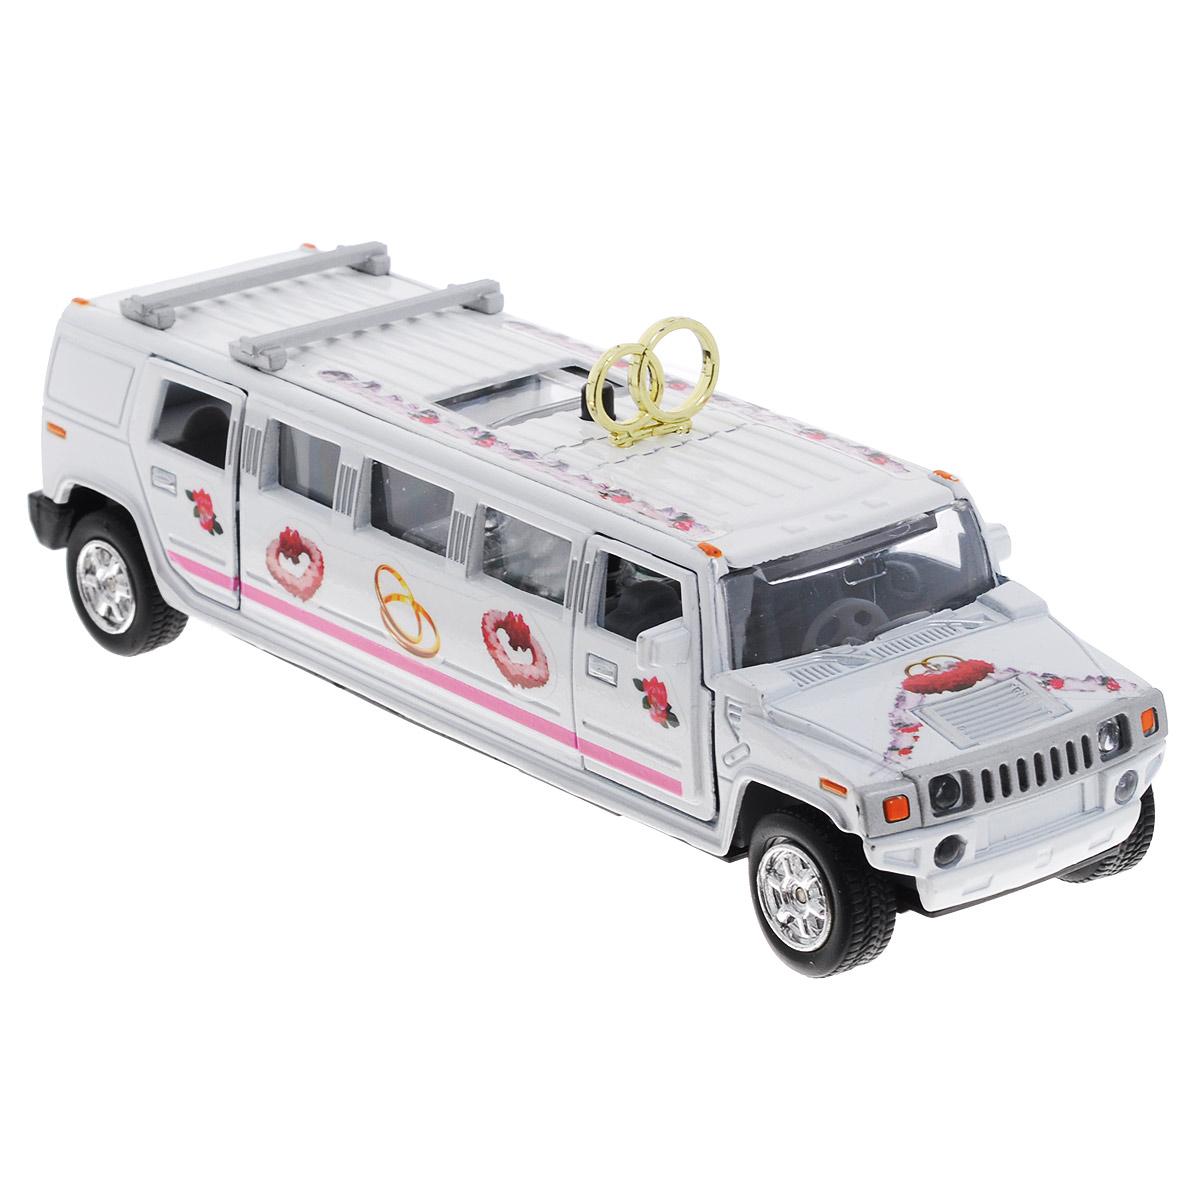 ТехноПарк Машинка инерционная Hummer Свадебный лимузинCT10-105-HМашинка ТехноПарк Hummer: Свадебный лимузин, выполненная из пластика и металла в виде лимузина, станет любимой игрушкой вашего малыша. Игрушка представляет собой модель свадебного лимузина марки Hummer. Передние и задние дверцы, а также люк на крыше открываются. При нажатии кнопки на крыше машинки подсвечивается салон и звучит веселая мелодия или звук работающего двигателя. Игрушка оснащена инерционным ходом. Машинку необходимо отвести назад, затем отпустить - и она быстро поедет вперед. Прорезиненные колеса обеспечивают надежное сцепление с любой гладкой поверхностью. Ваш ребенок будет часами играть с этой игрушкой, придумывая различные истории. Порадуйте его таким замечательным подарком! Машинка работает от батареек (товар комплектуется демонстрационными).